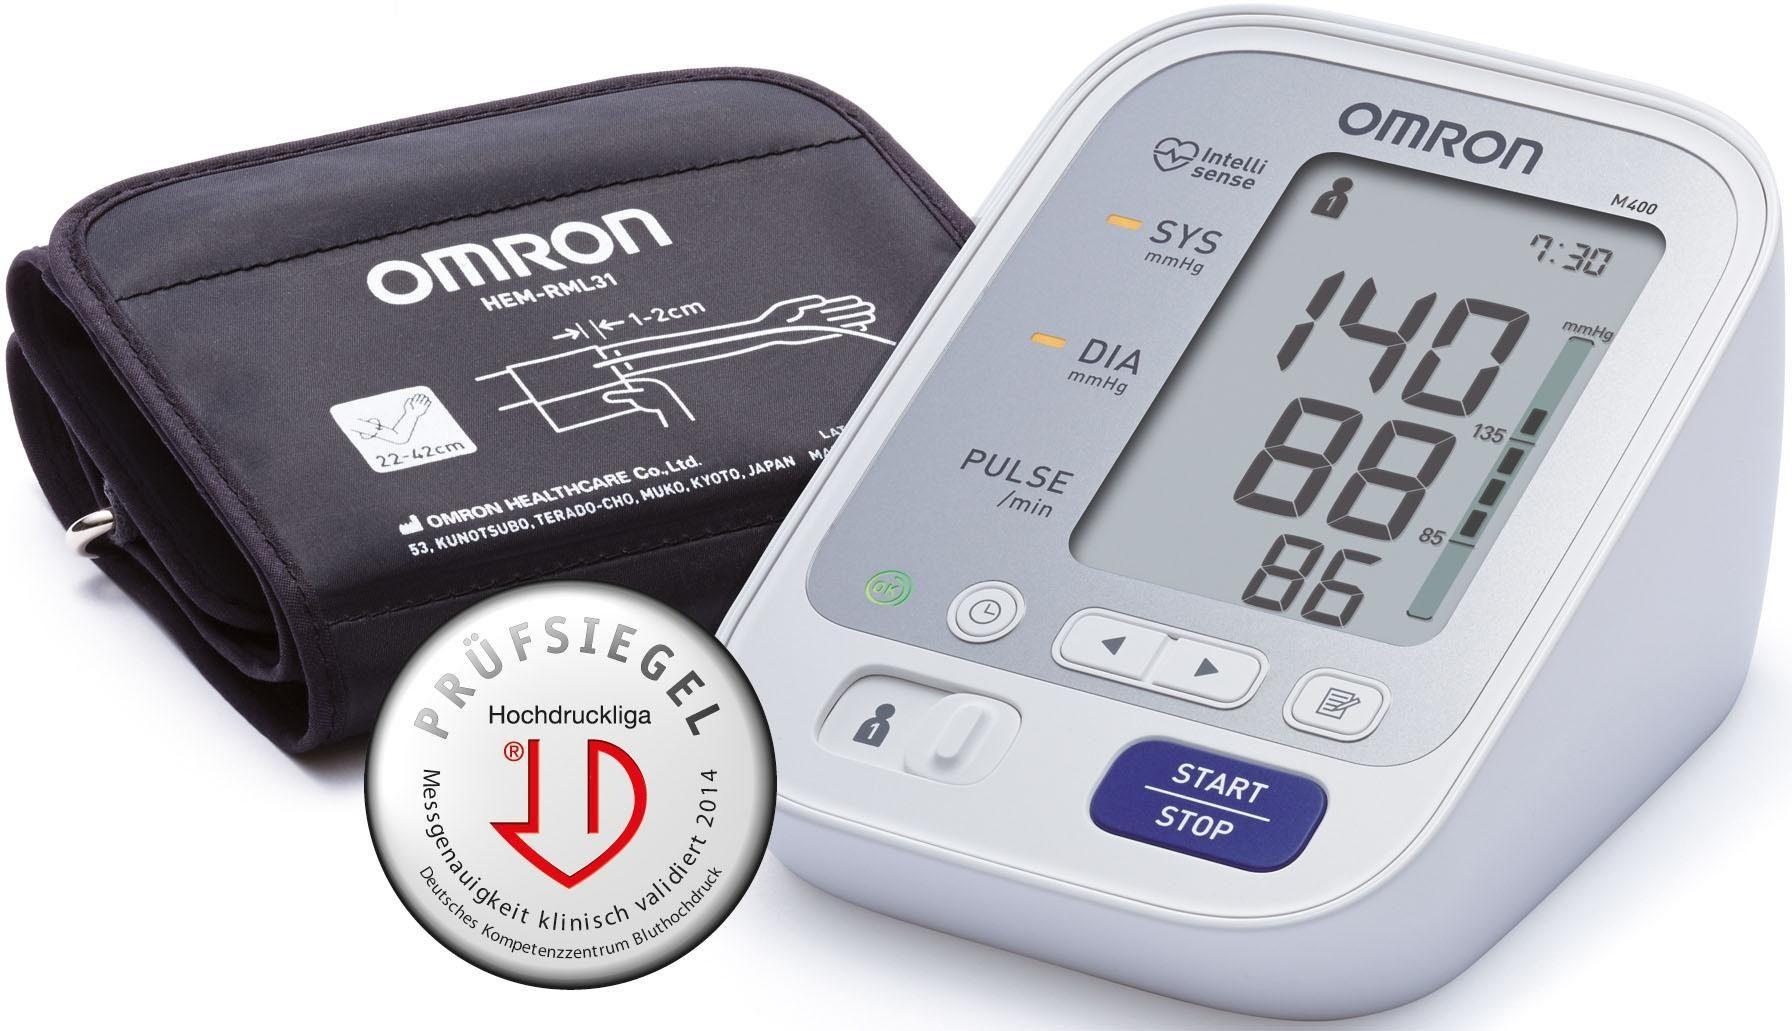 Omron Blutdruckmessgerät M400 (HEM-7131-D), vollautomatisches Oberarm Blutdruckmessgerät